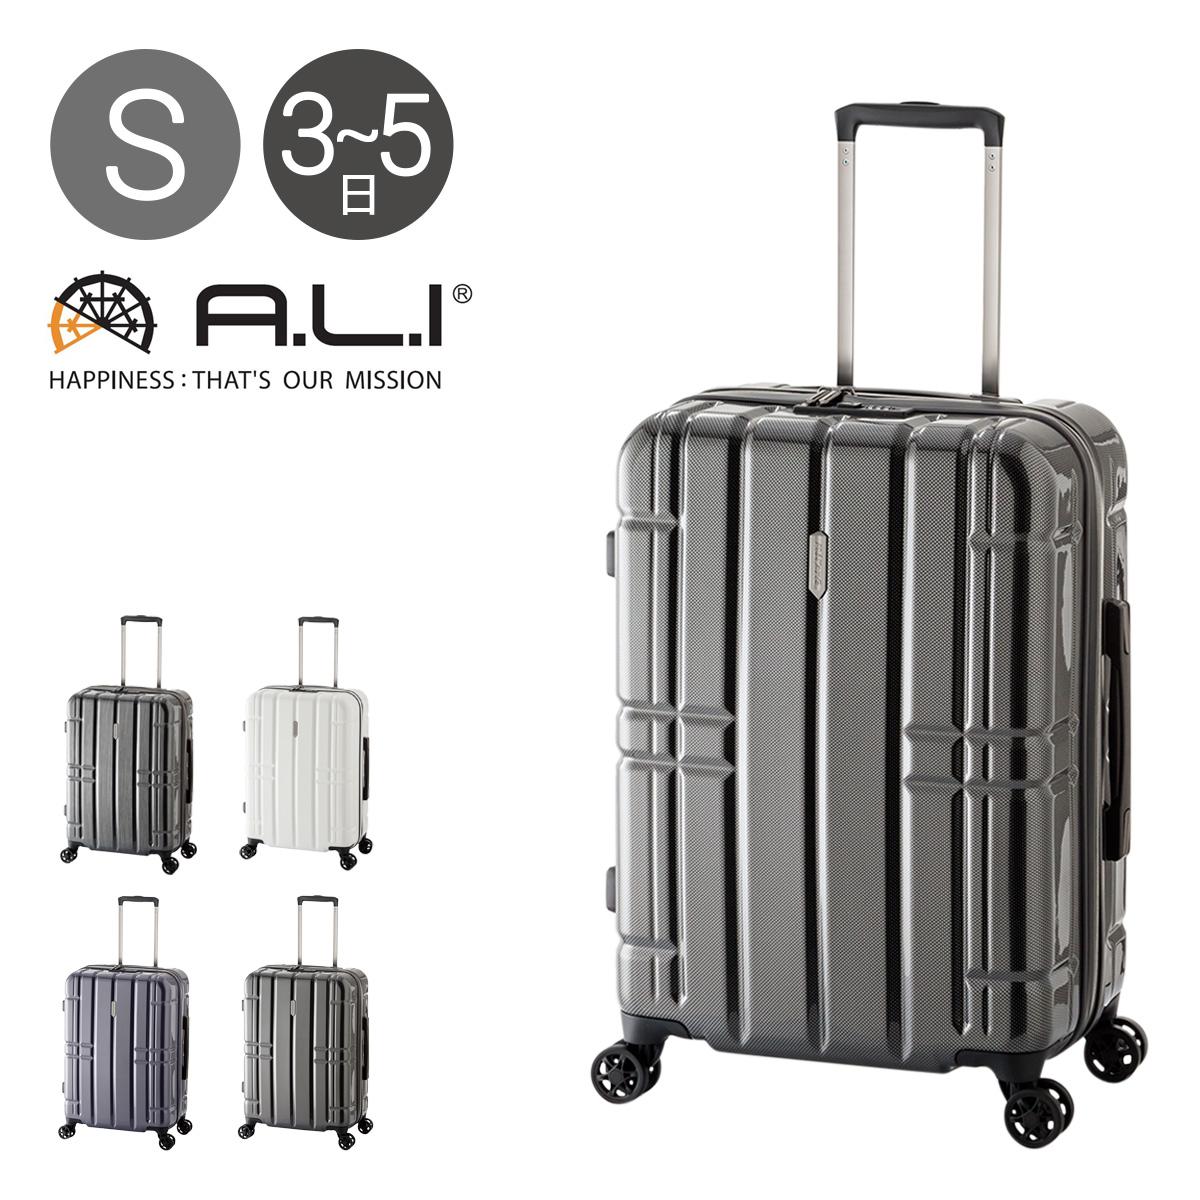 アジアラゲージ スーツケース|60L 55.5cm 3.7kg ALI-MAX22|拡張 ハード ファスナー|A.L.I AliMax|TSAロック搭載 キャリーバッグ キャリーケース[PO10][bef]